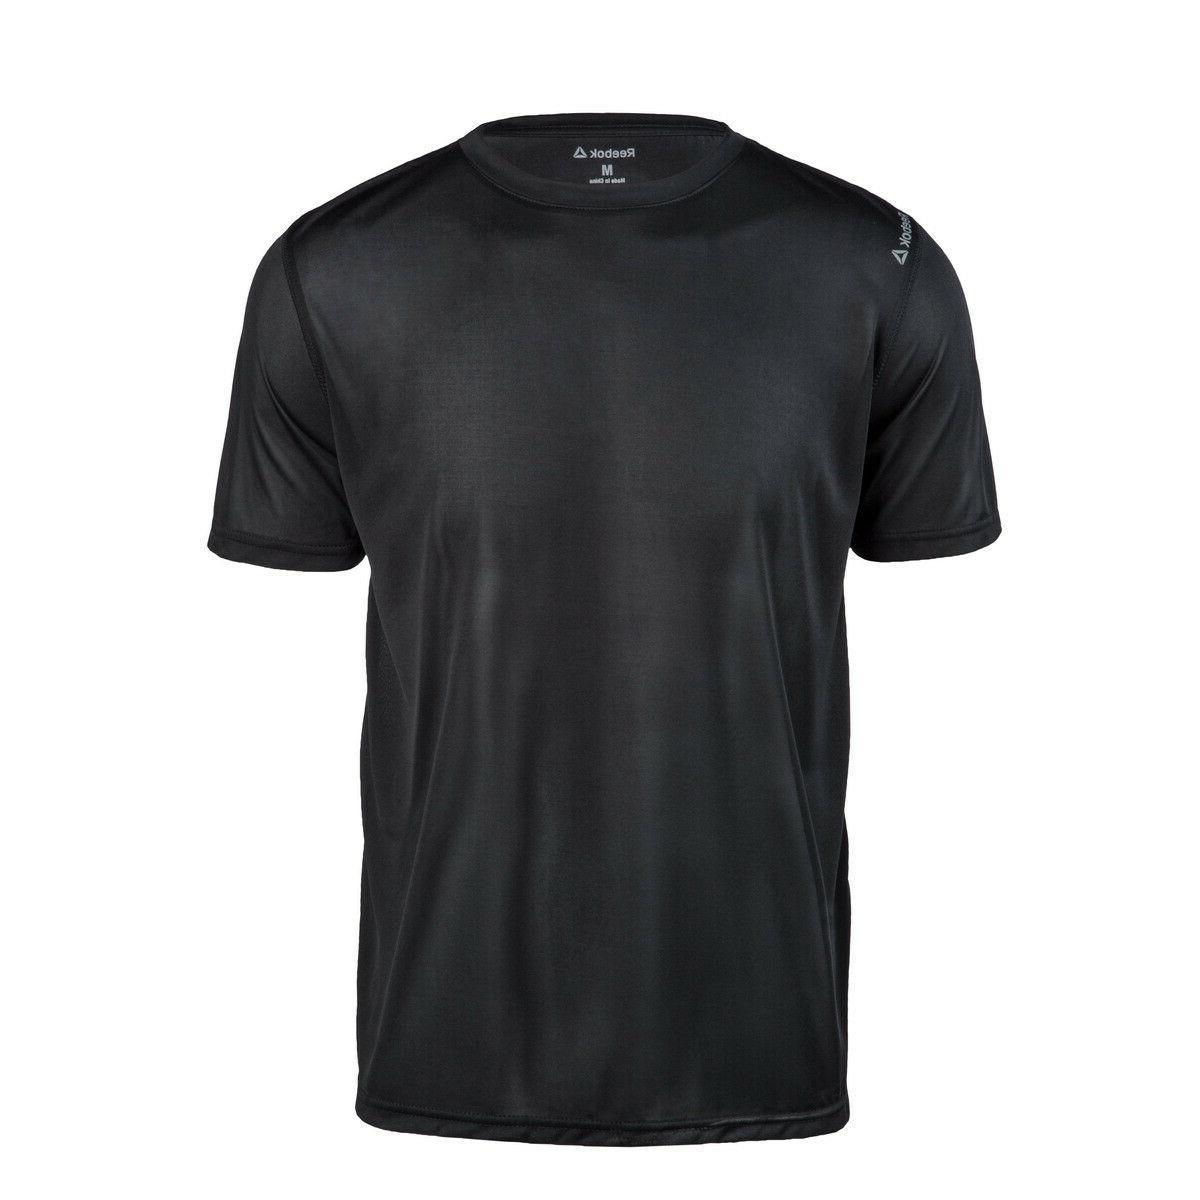 Reebok Mens dri-fit T-shirt Gym S-3XL, 4XL Sport Tee